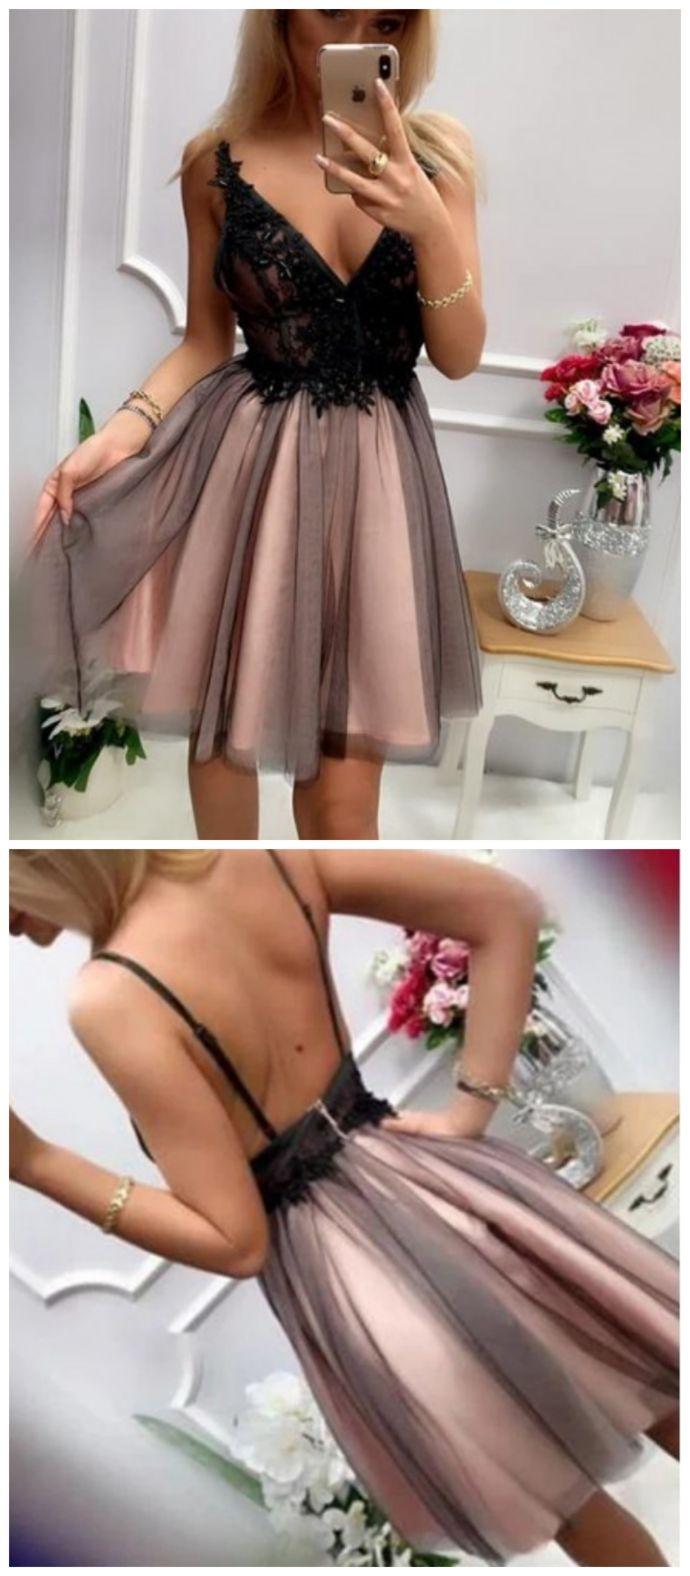 Zarte V-Ausschnitt ärmellose rückenfreie kurze Prom Homecoming Kleid mit Applikationen, …   – Moda de ropa